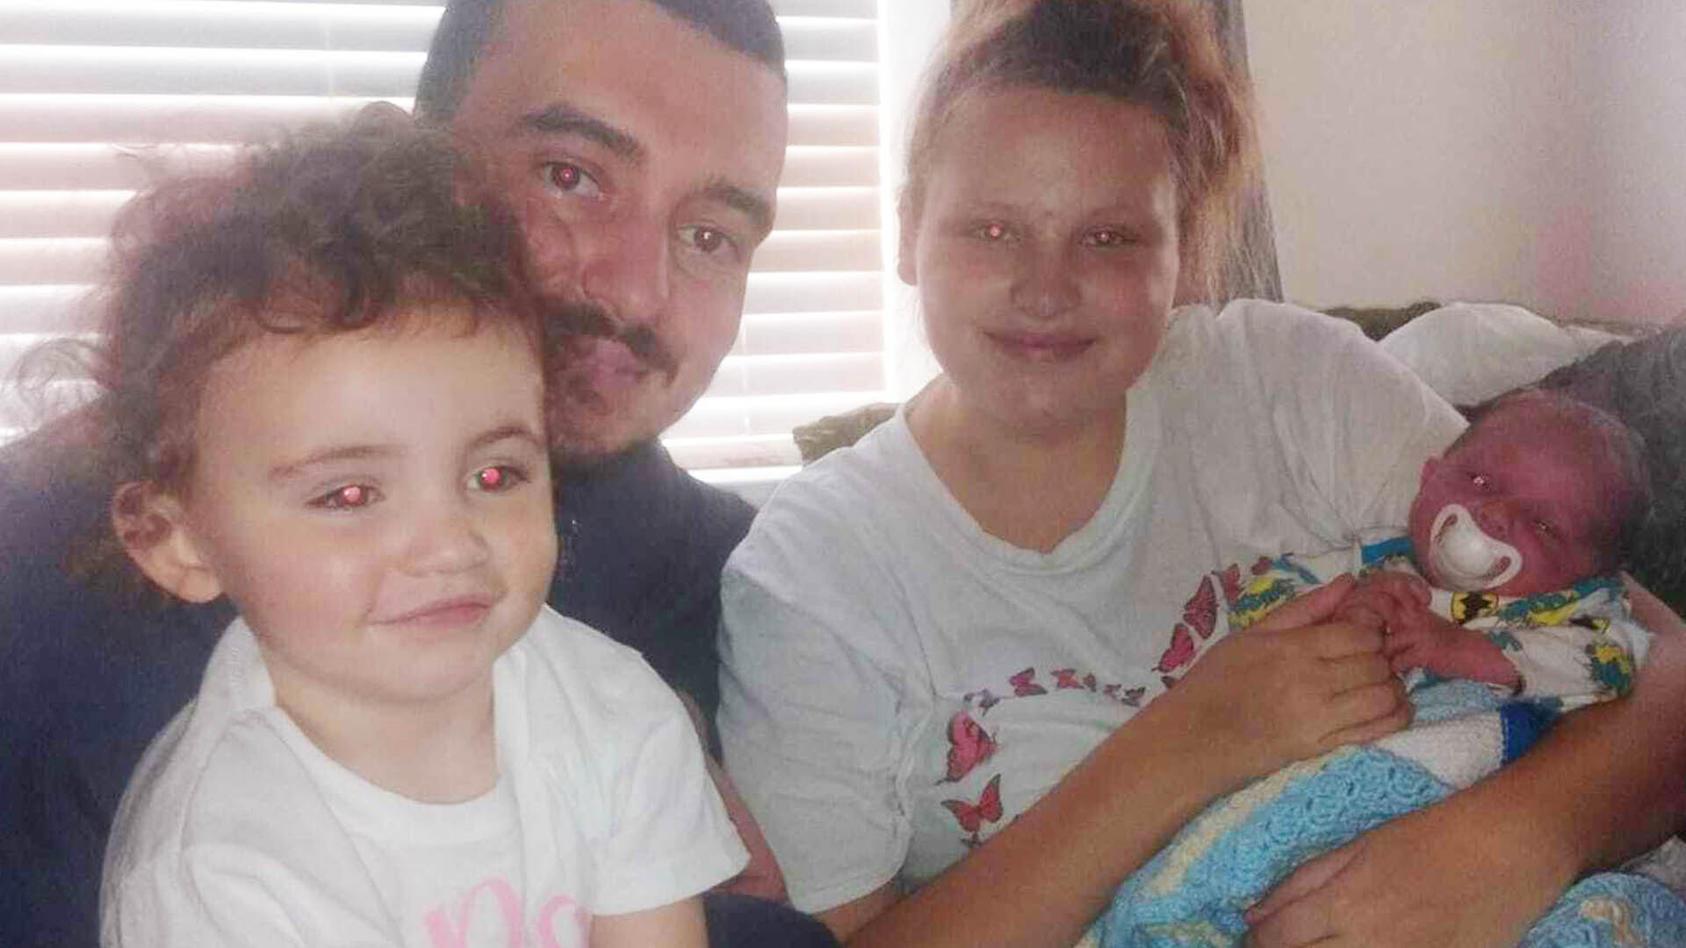 Die 20-jährige Georgia Crowther war unbemerkt schwanger und brachte ihr Baby nach einem Familienessen zur Welt.